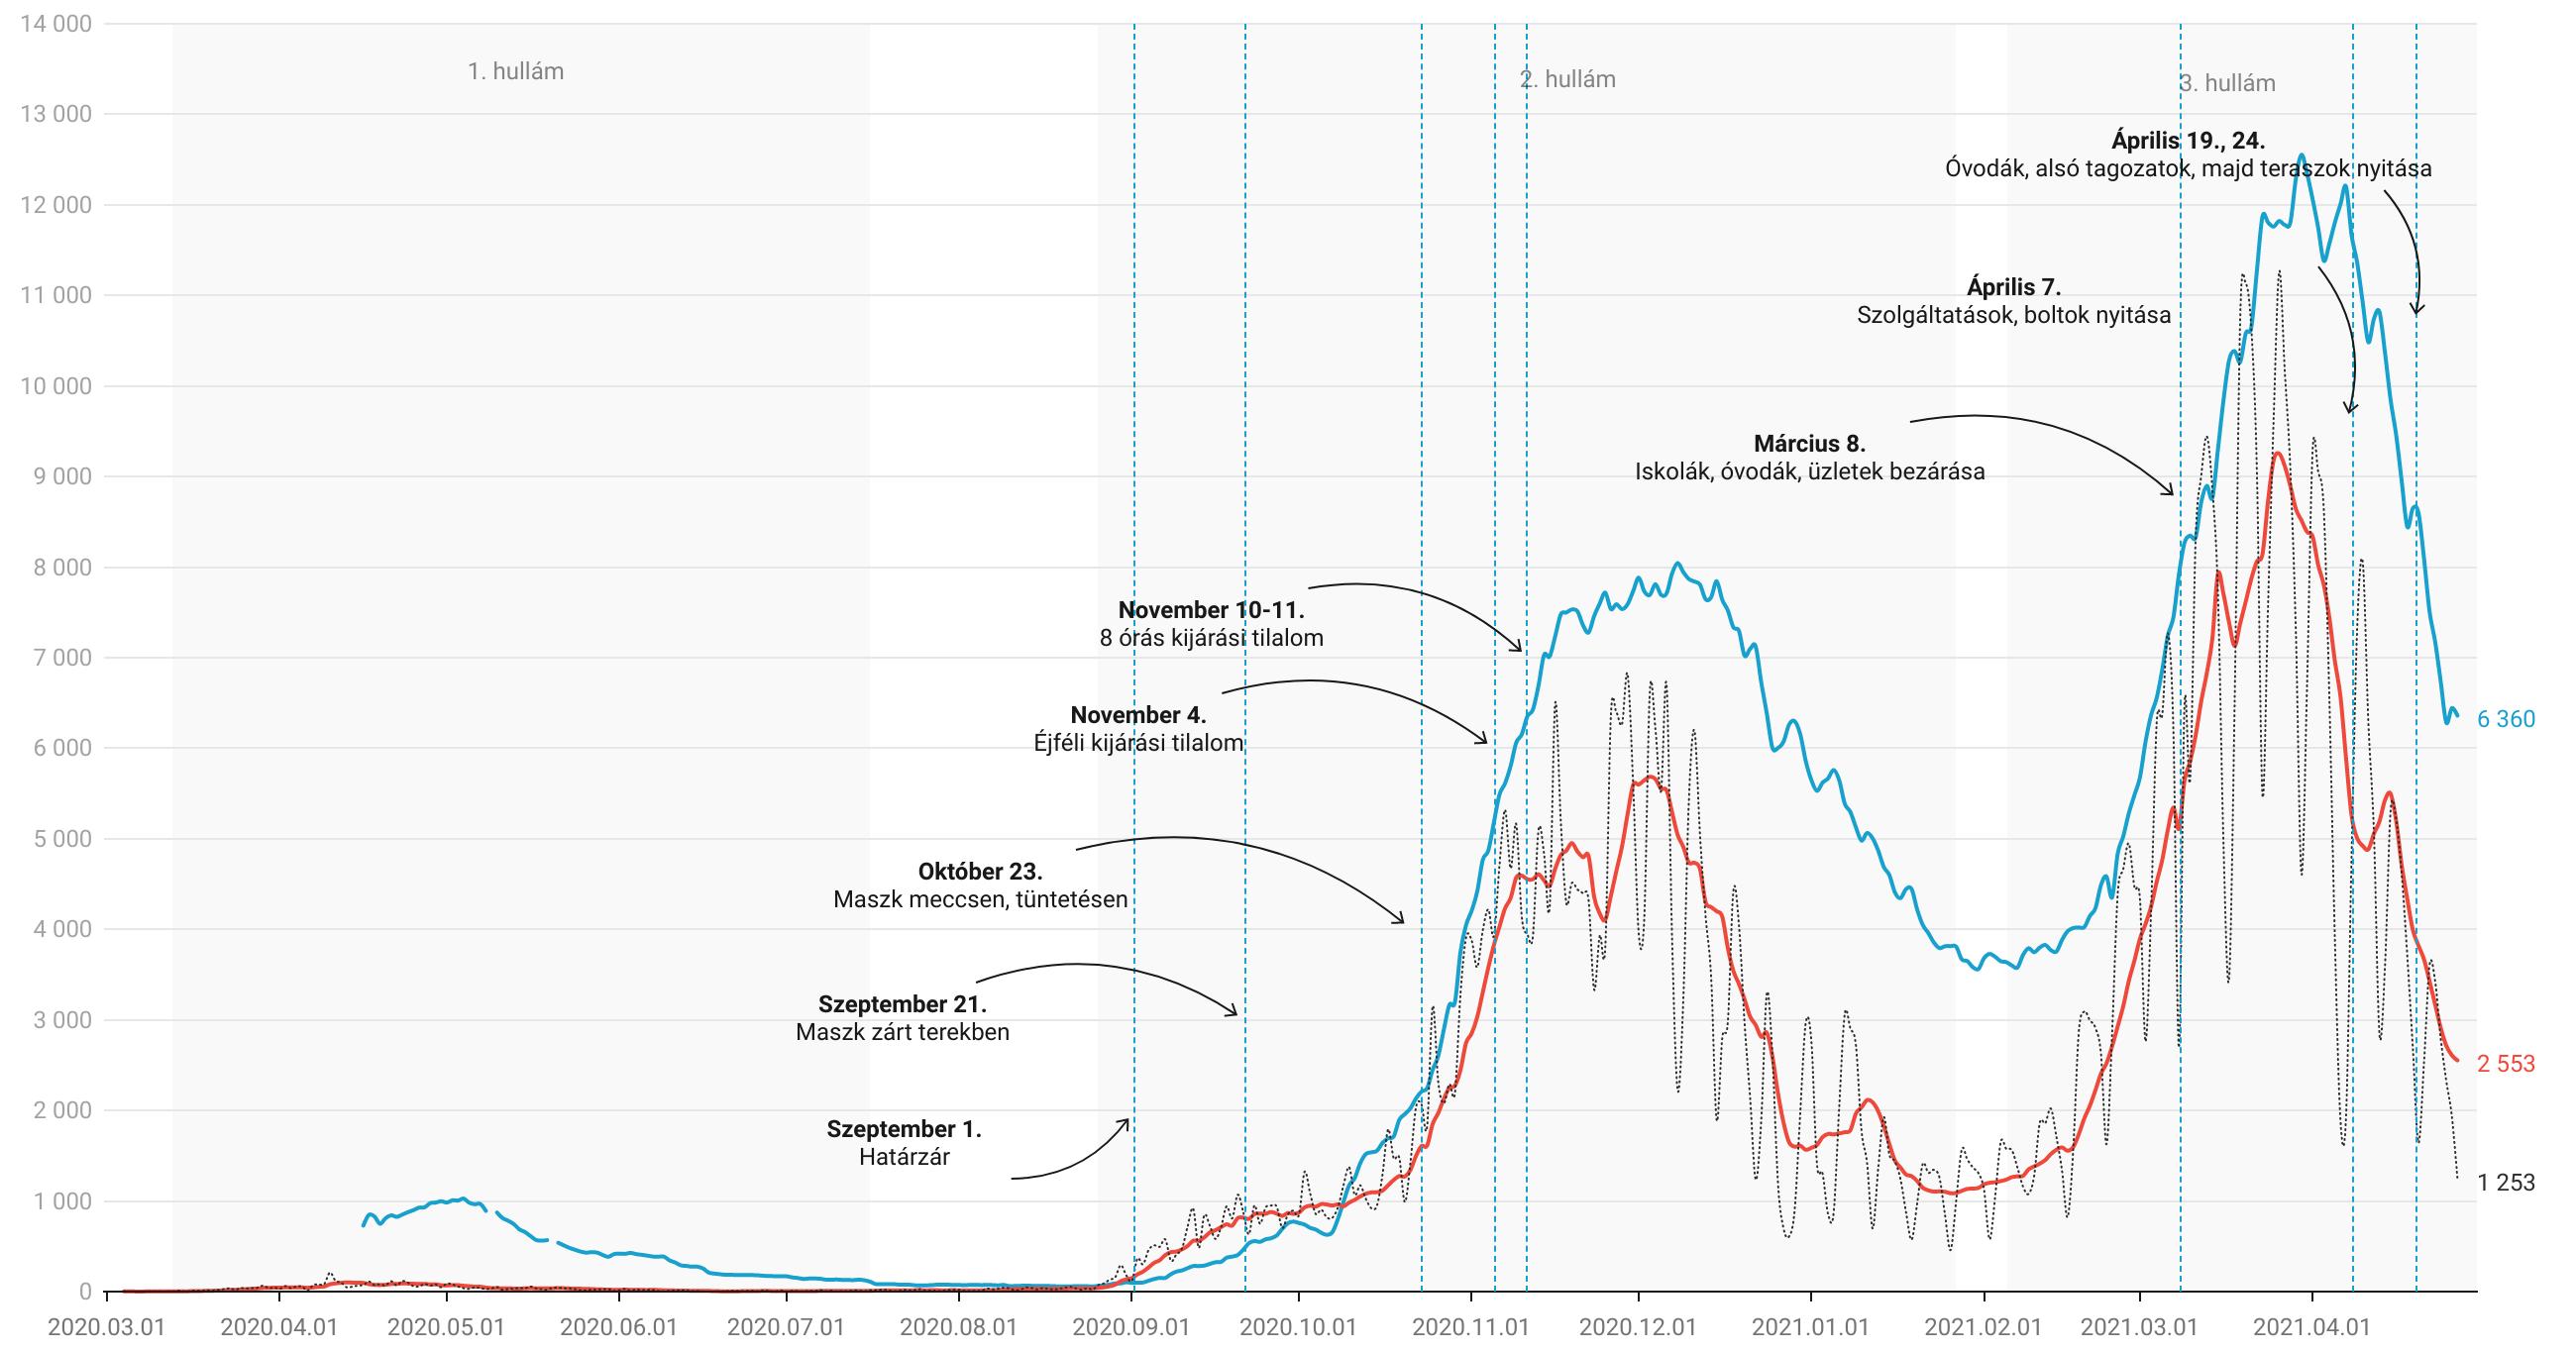 Folytatódó trendek: kevés teszt, kevés új fertőzött, de még mindig magas halálozás